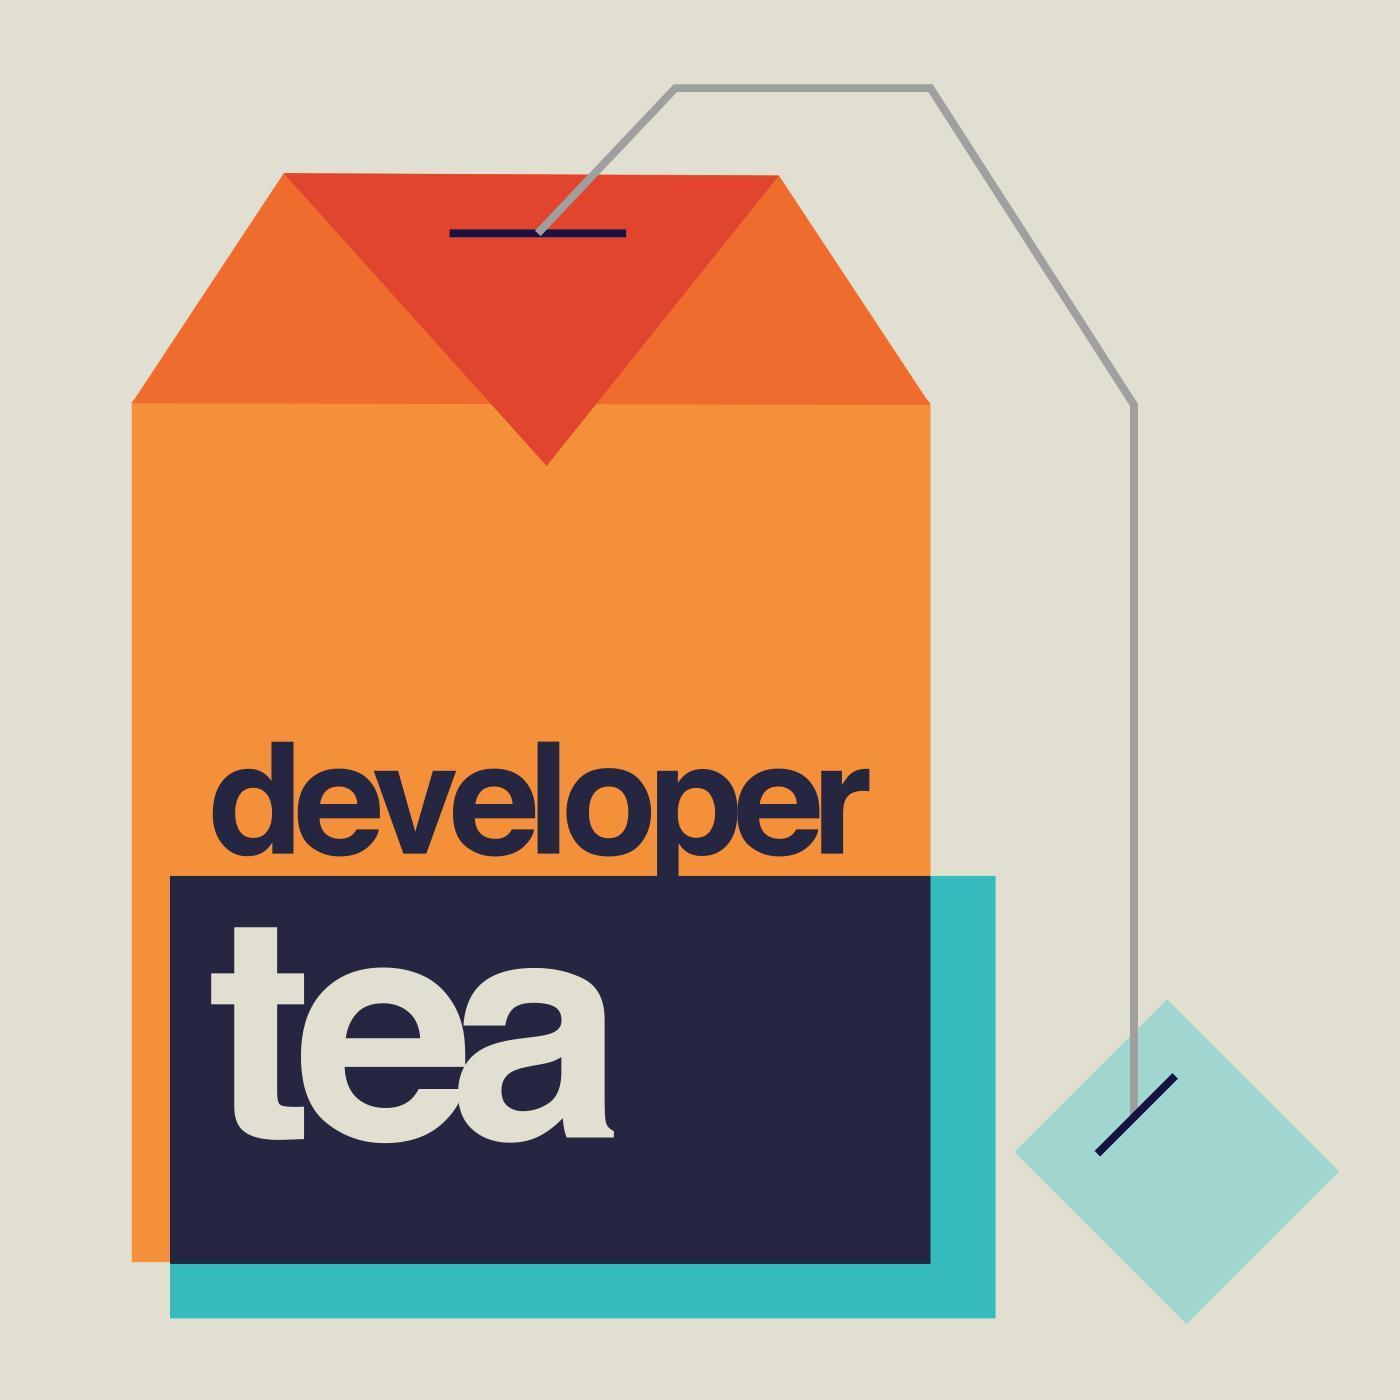 developertea